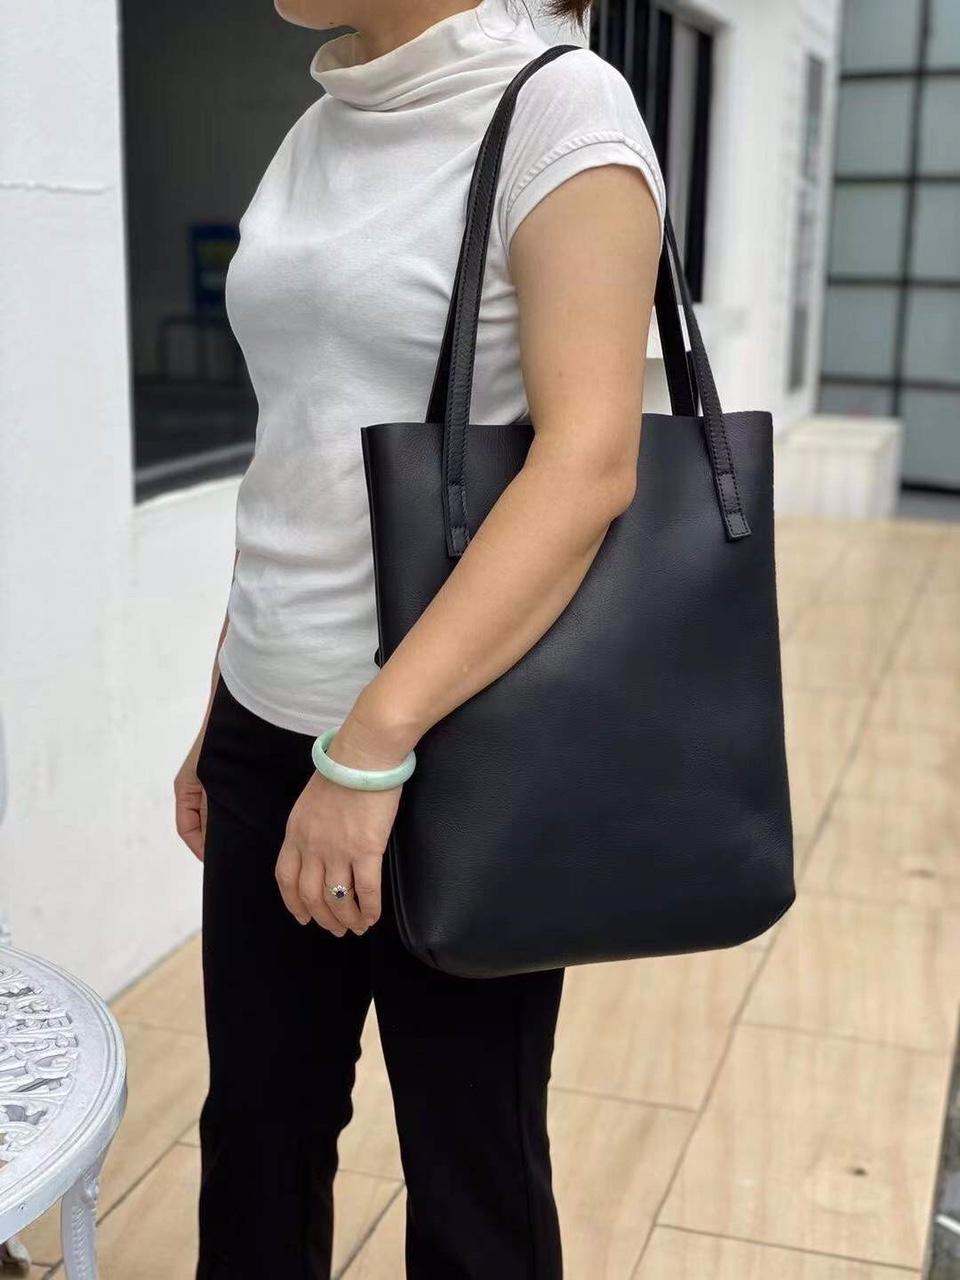 边圆女士背包,秋冬爆款,材质:进口头层牛皮,尺寸:32*5*39CM颜色:黑色模特效果